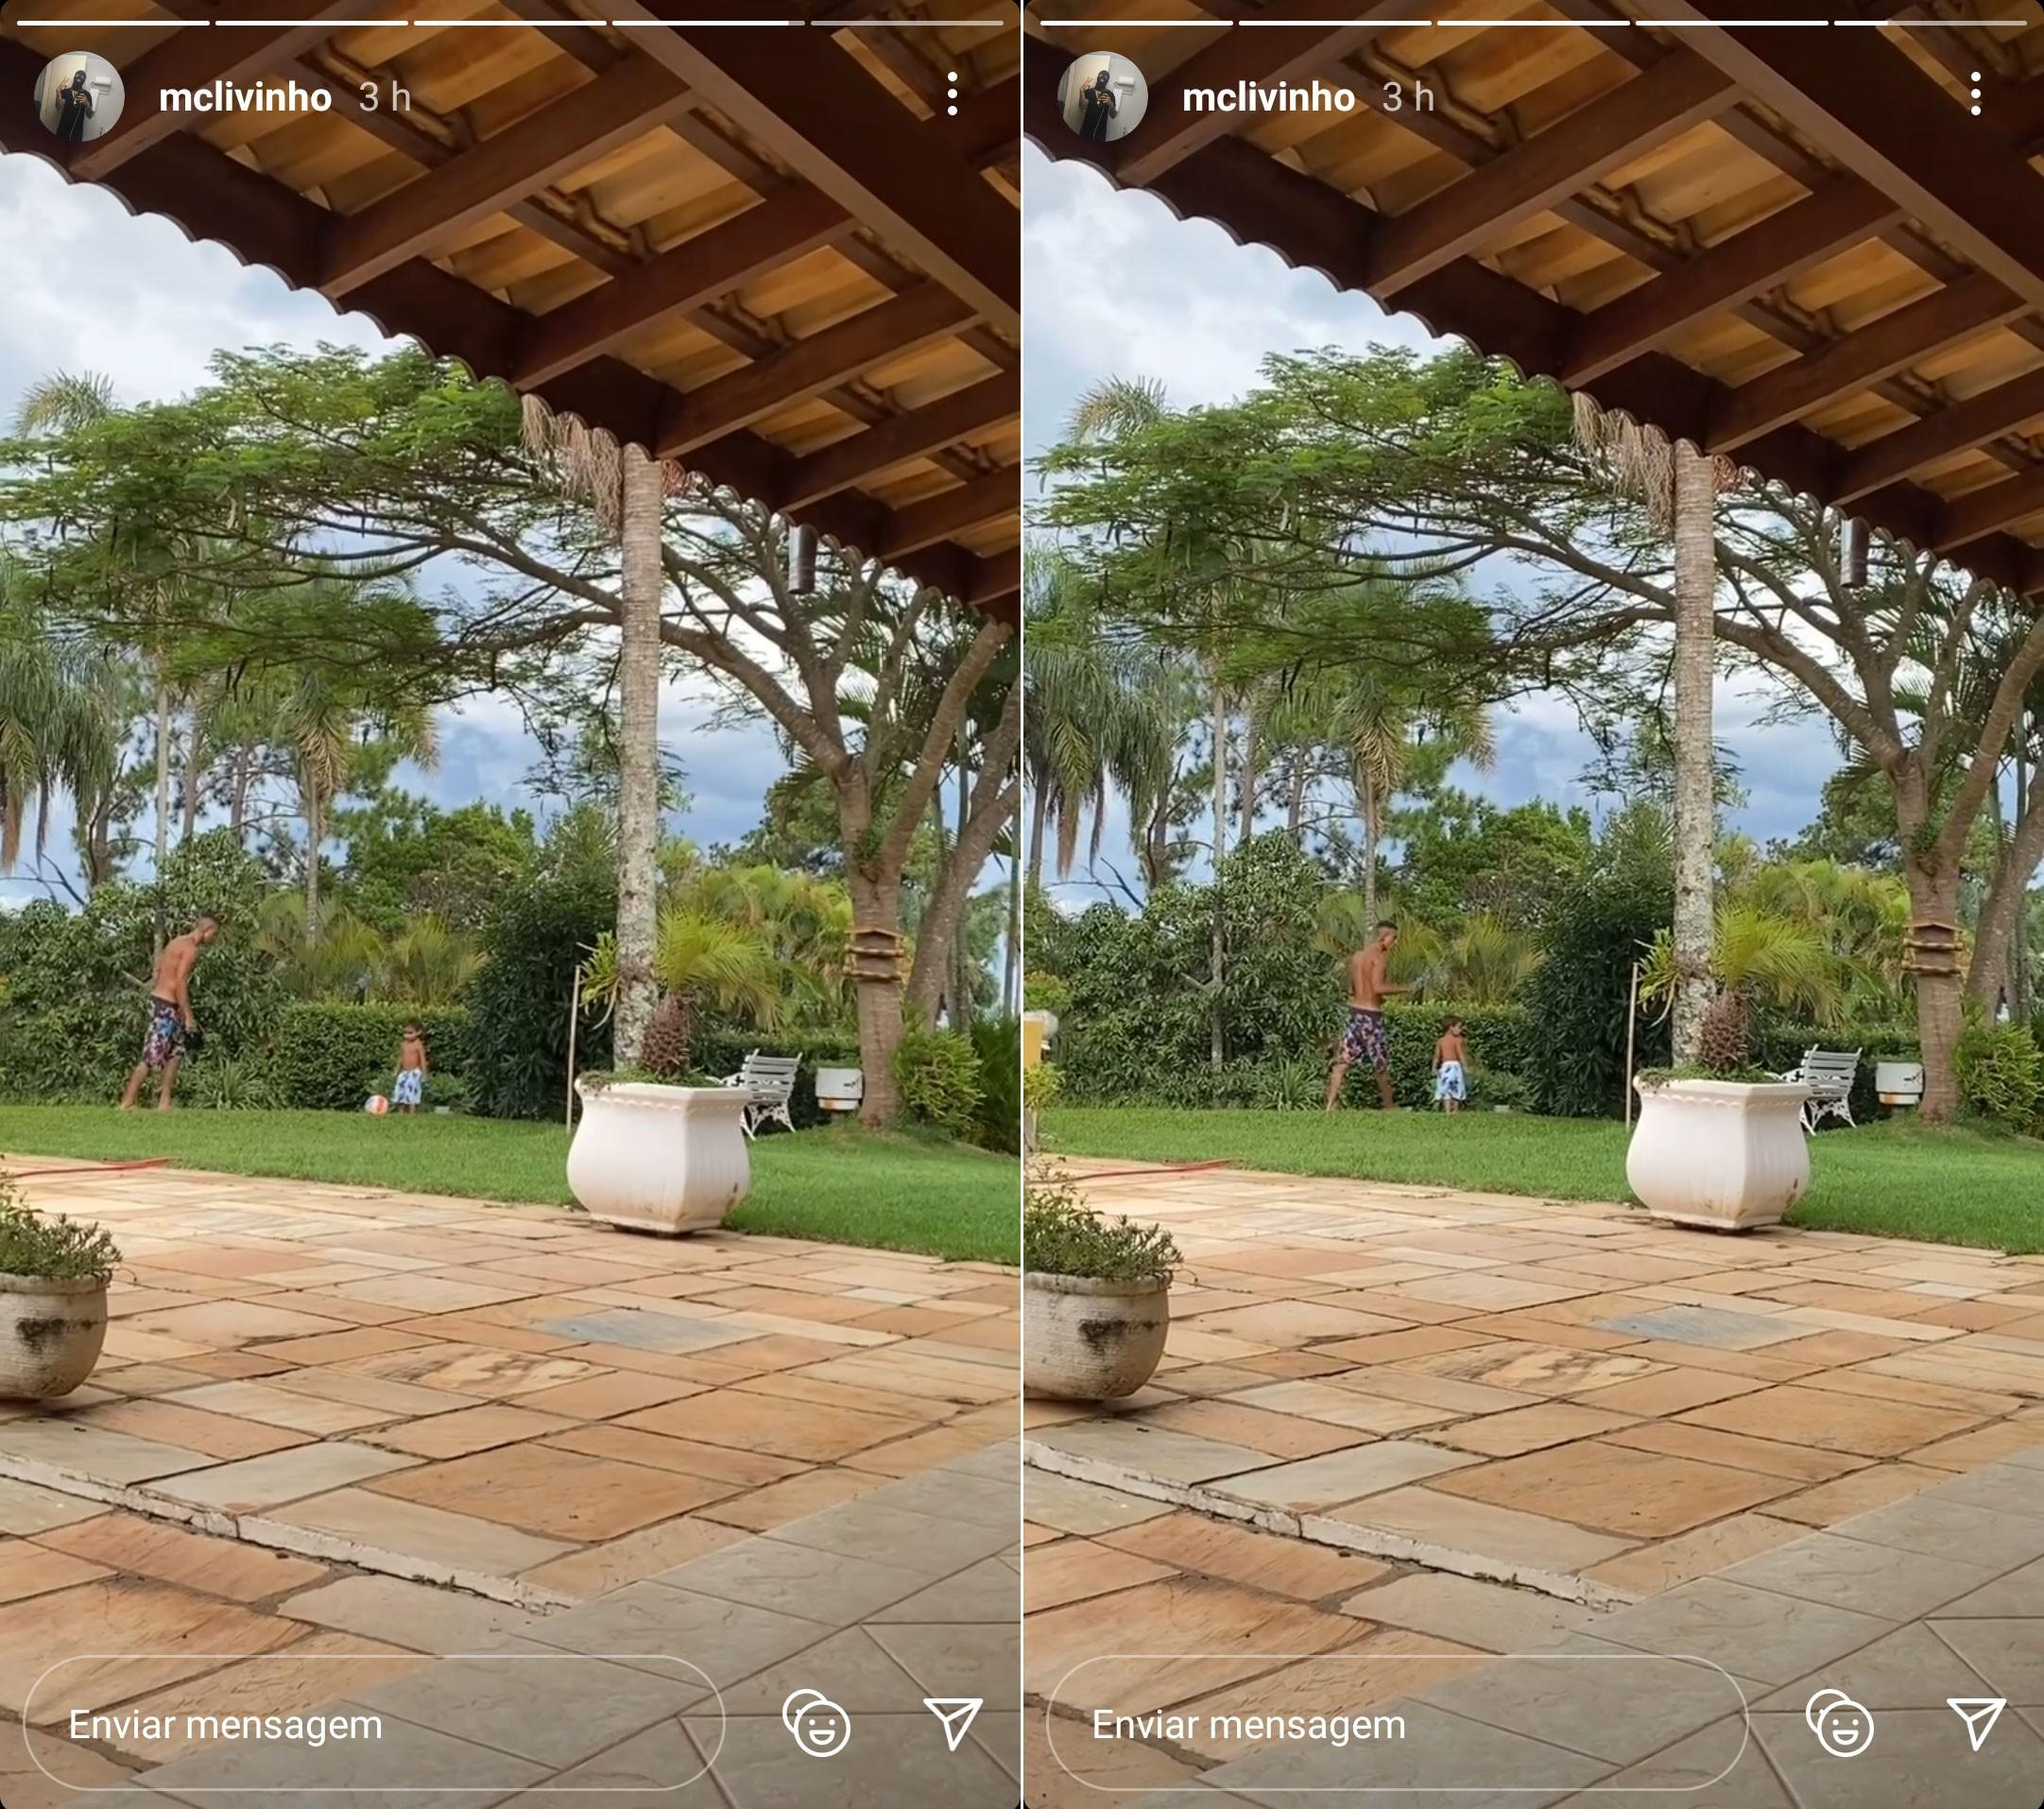 Esposa de Livinho posta vídeo e diz que MC 'passou por um livramento'